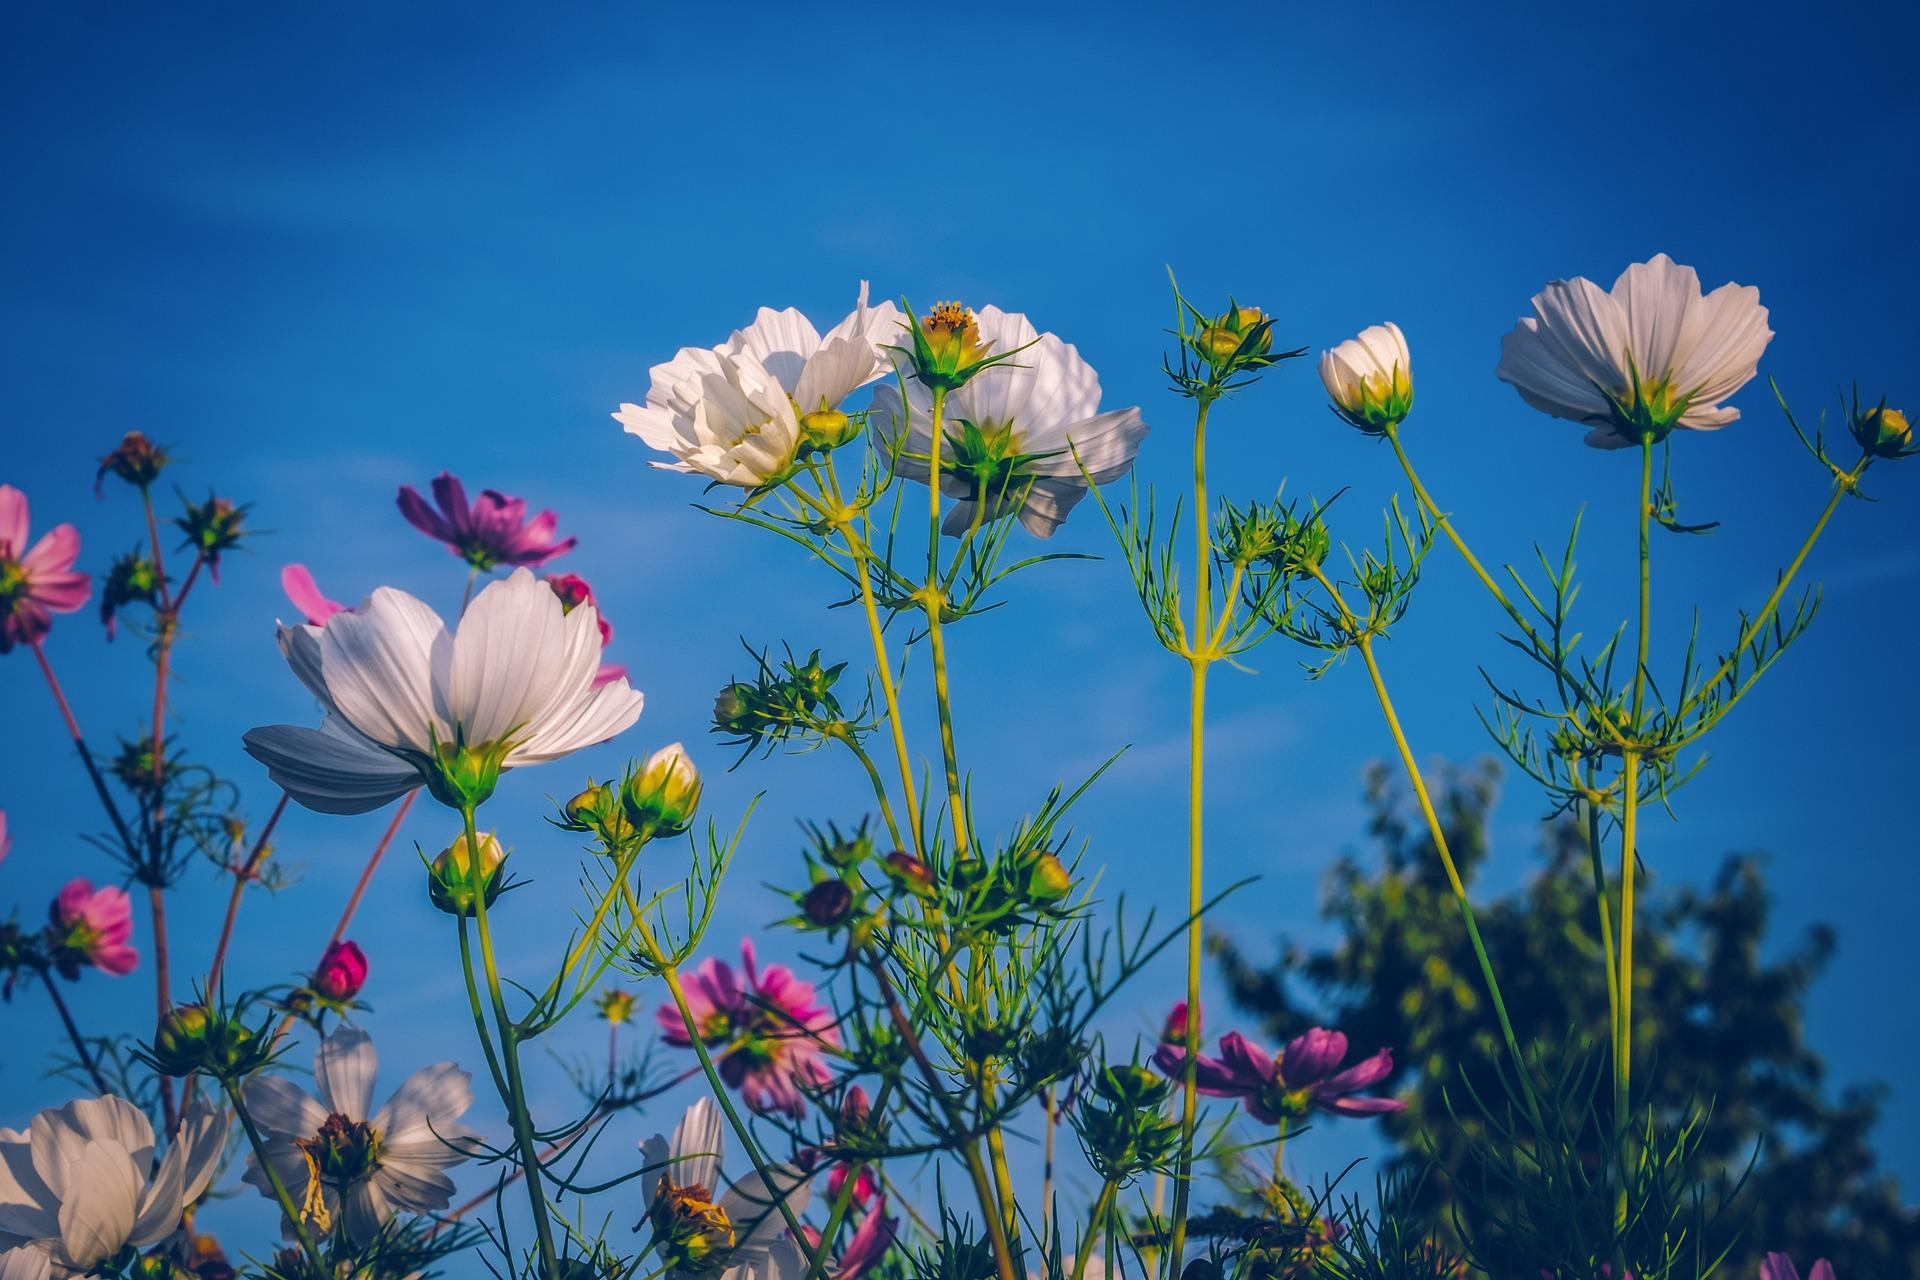 Blumenwiese-und-blauer-himmel